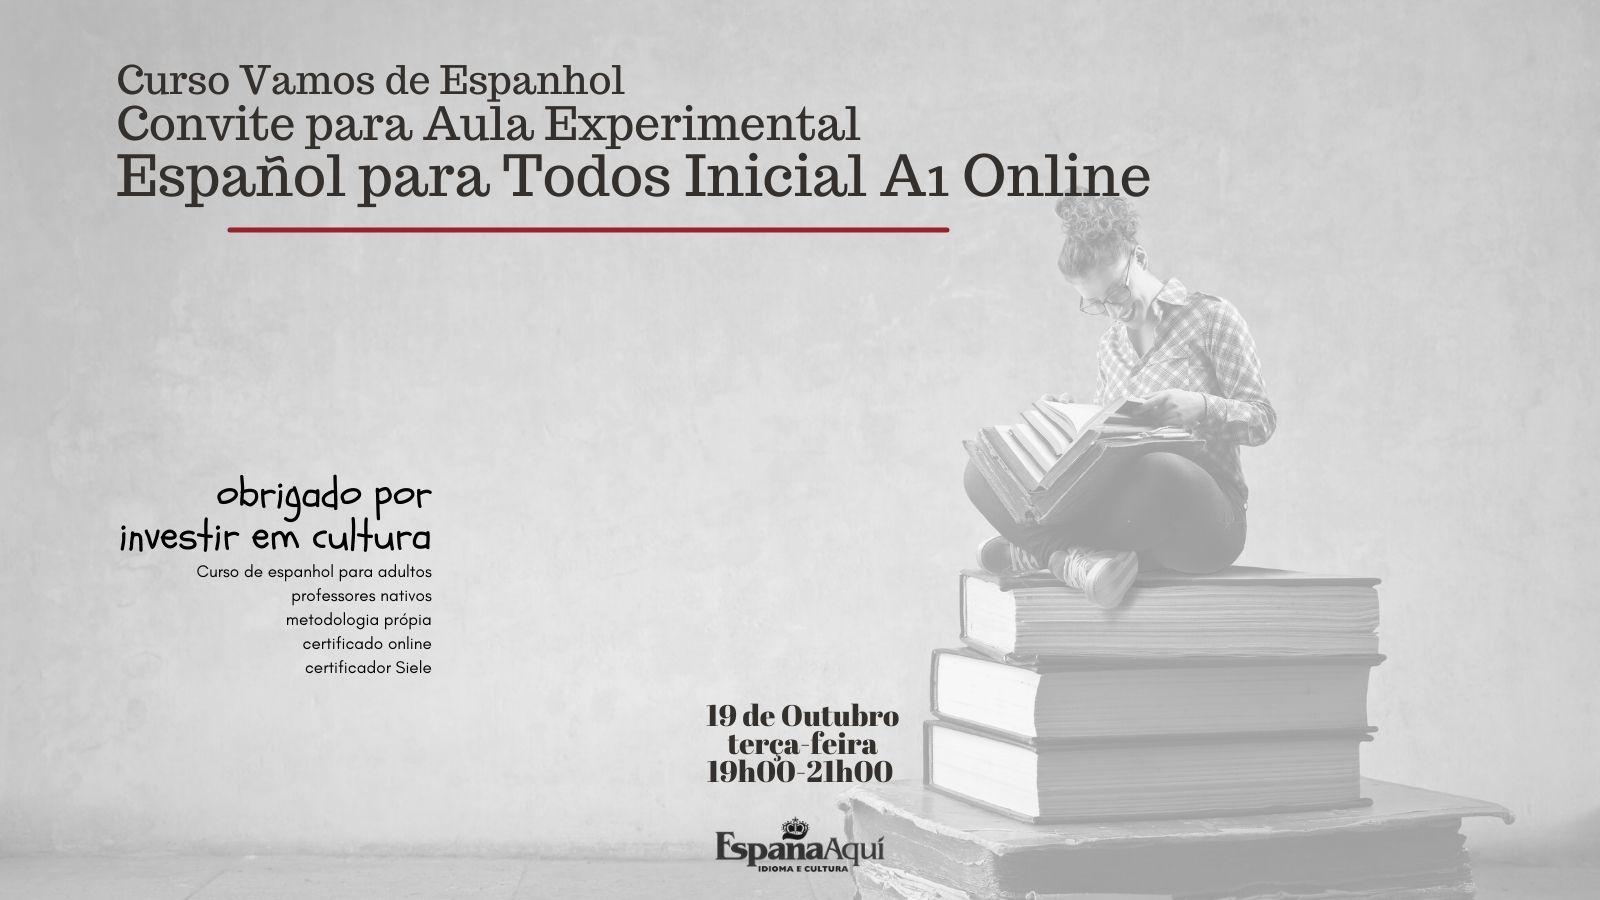 https://www.espanaaqui.com.br/pdf/outubro%202021/19%20de%20Outubro.%20Espa%c3%b1ol%20para%20todos%20A1%20(2).jpg